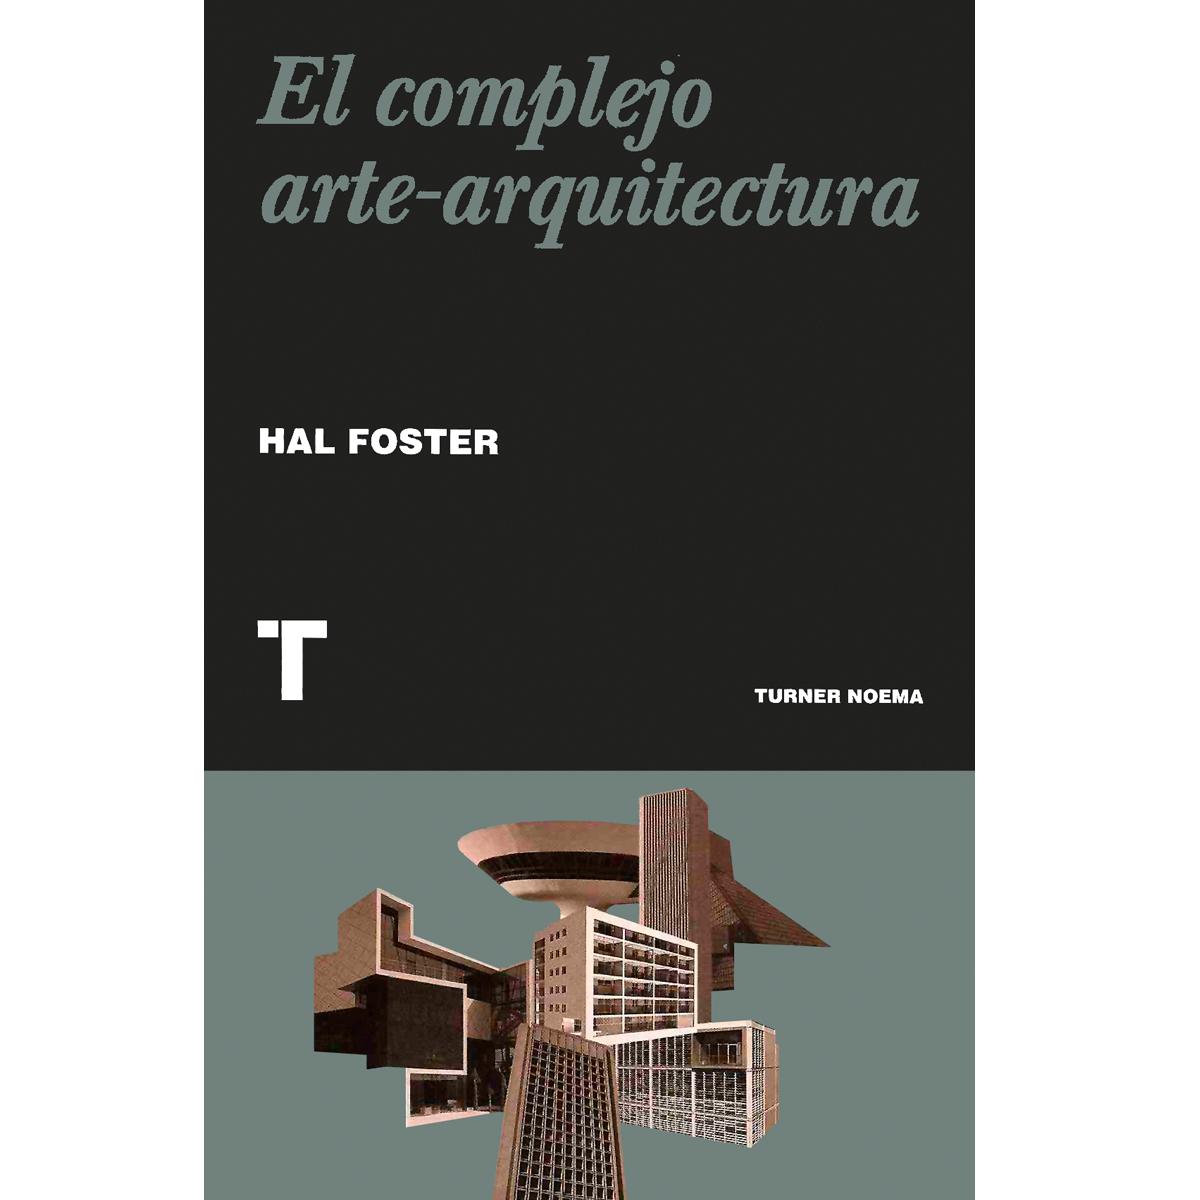 El complejo arte-arquitectura